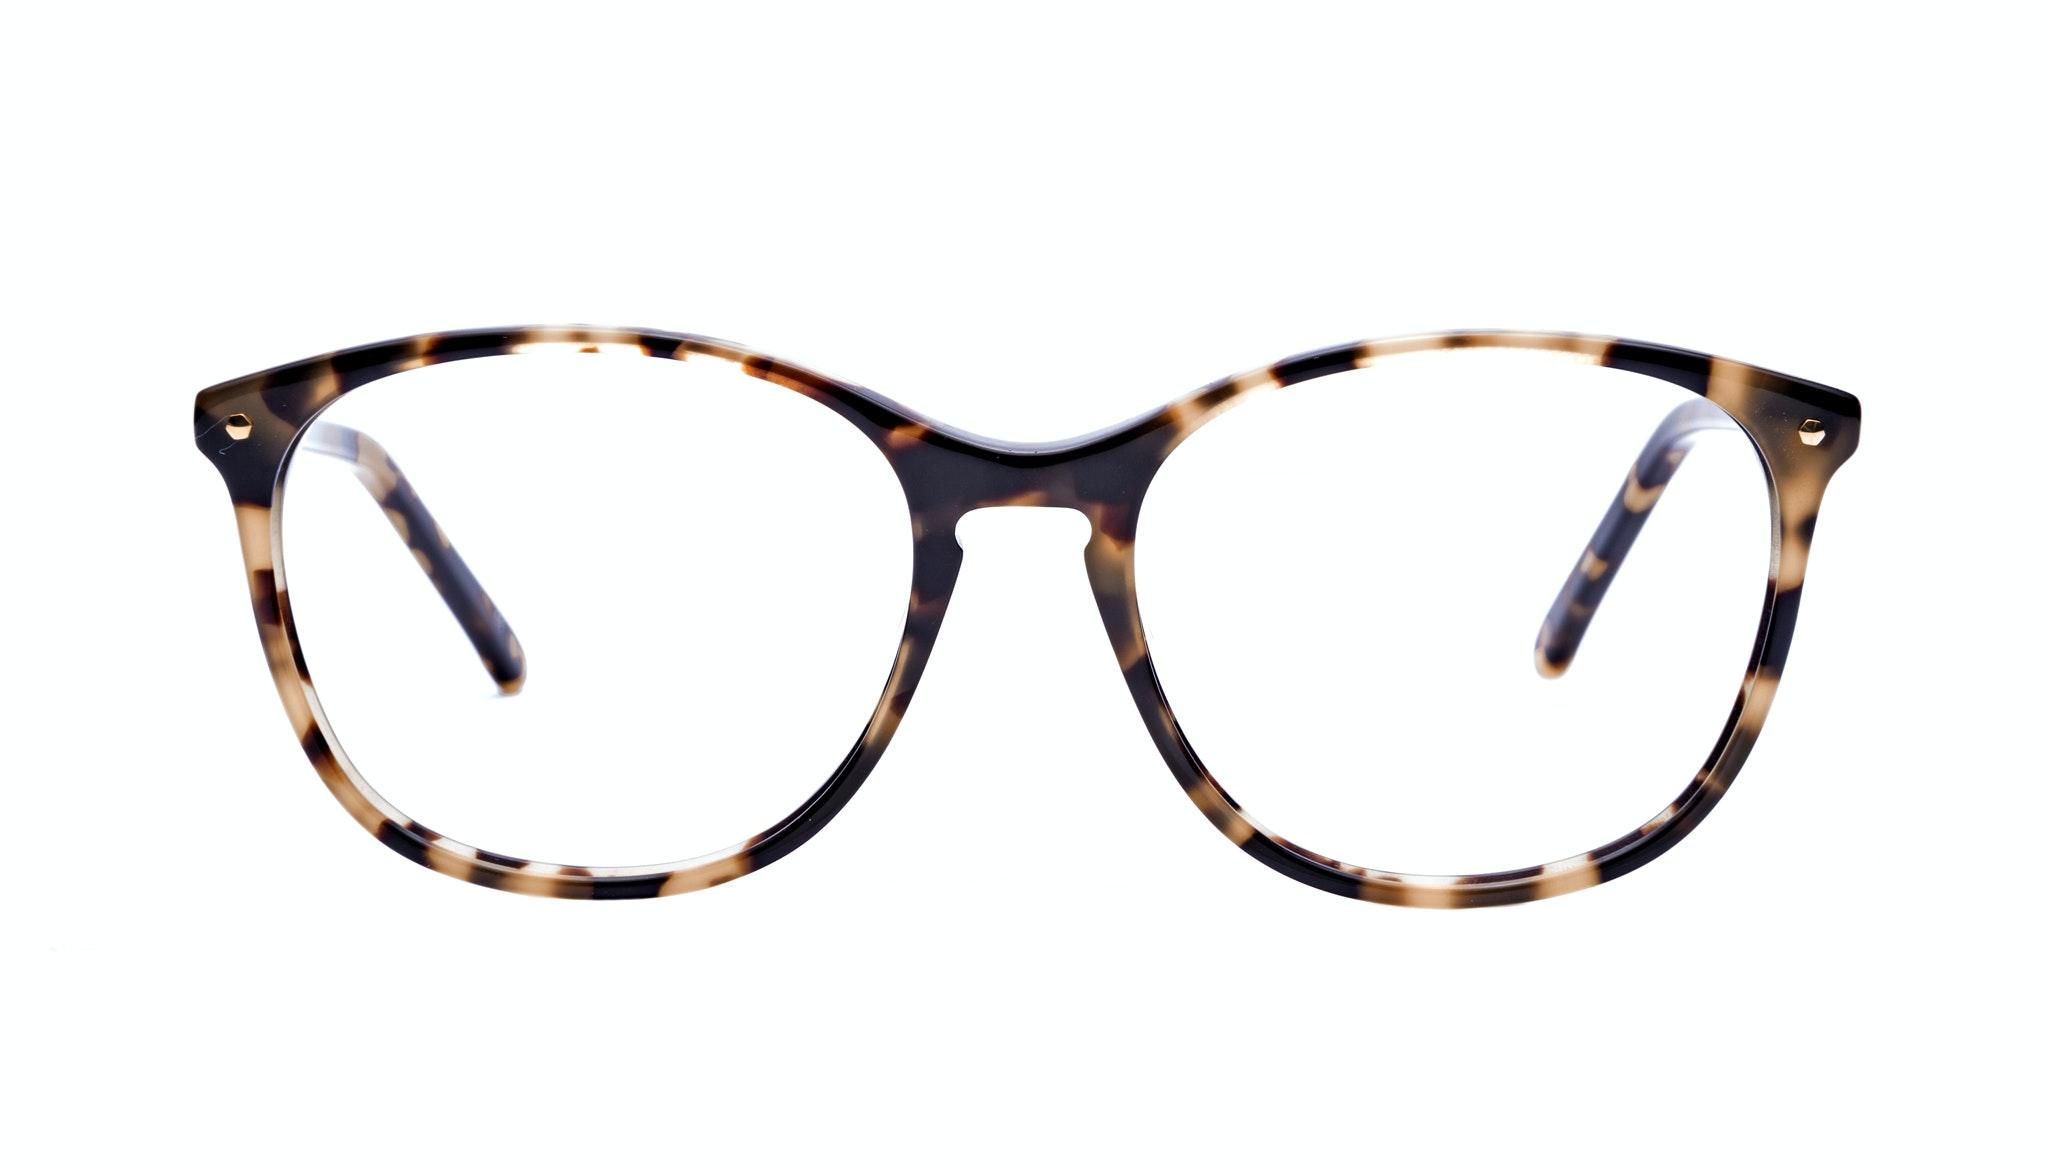 Affordable Fashion Glasses Rectangle Round Eyeglasses Women Nadine Bingal Front